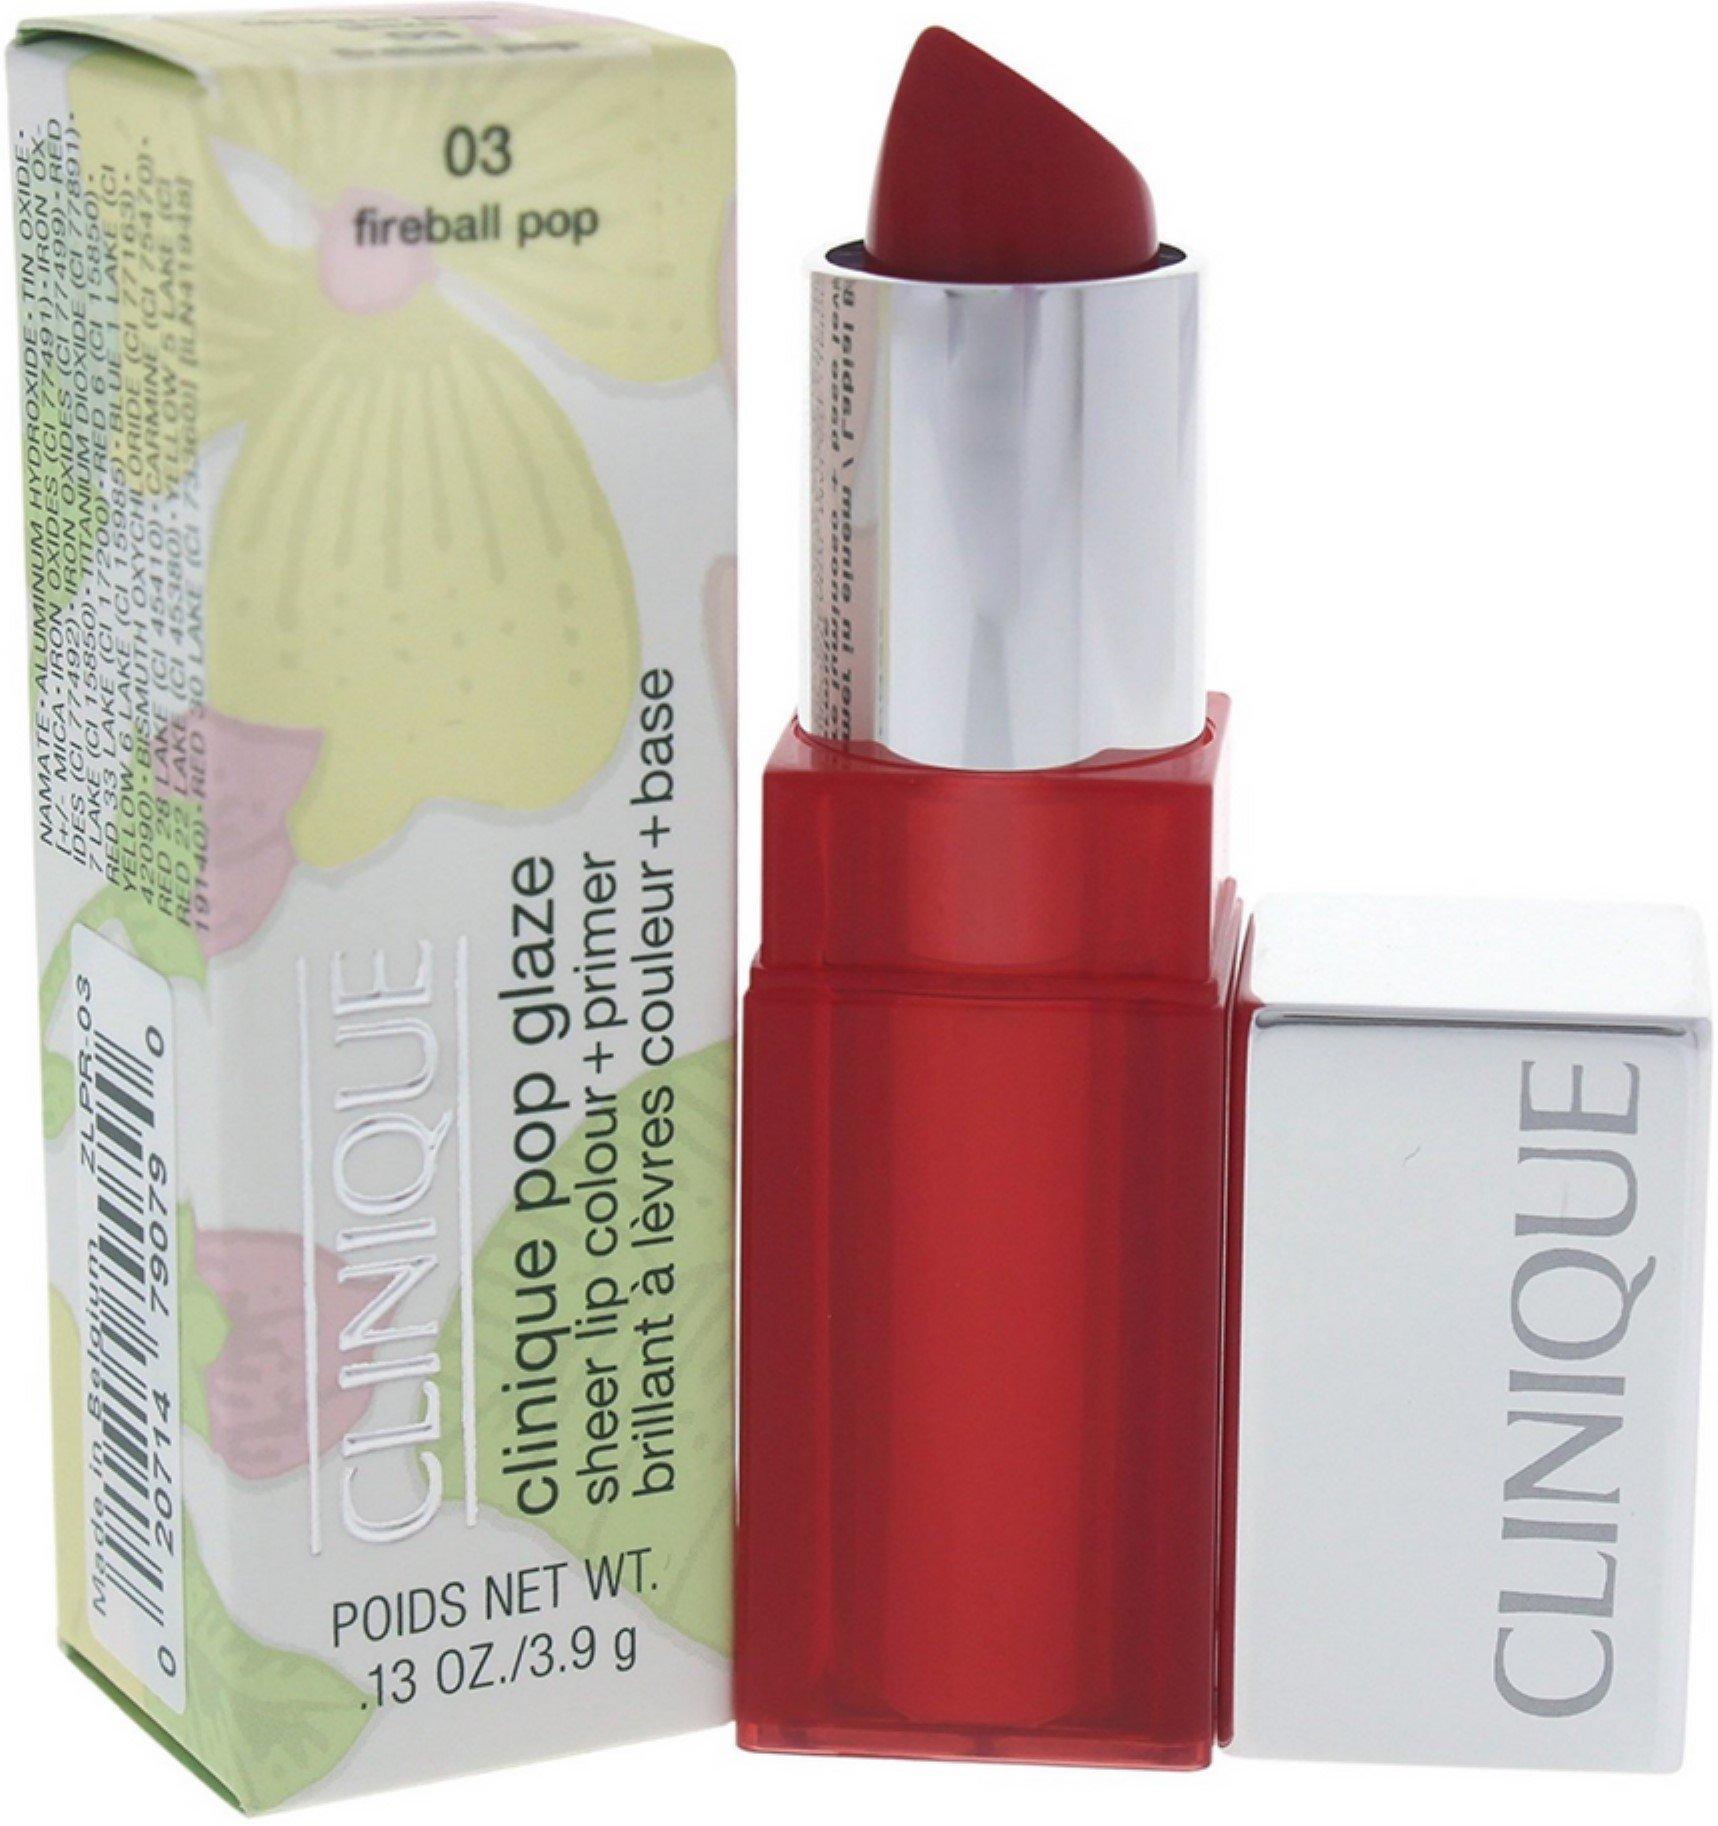 Clinique Pop Glaze Sheer Lip Color + Primer, No. 03 Fireball Pop, 0.13 Ounce